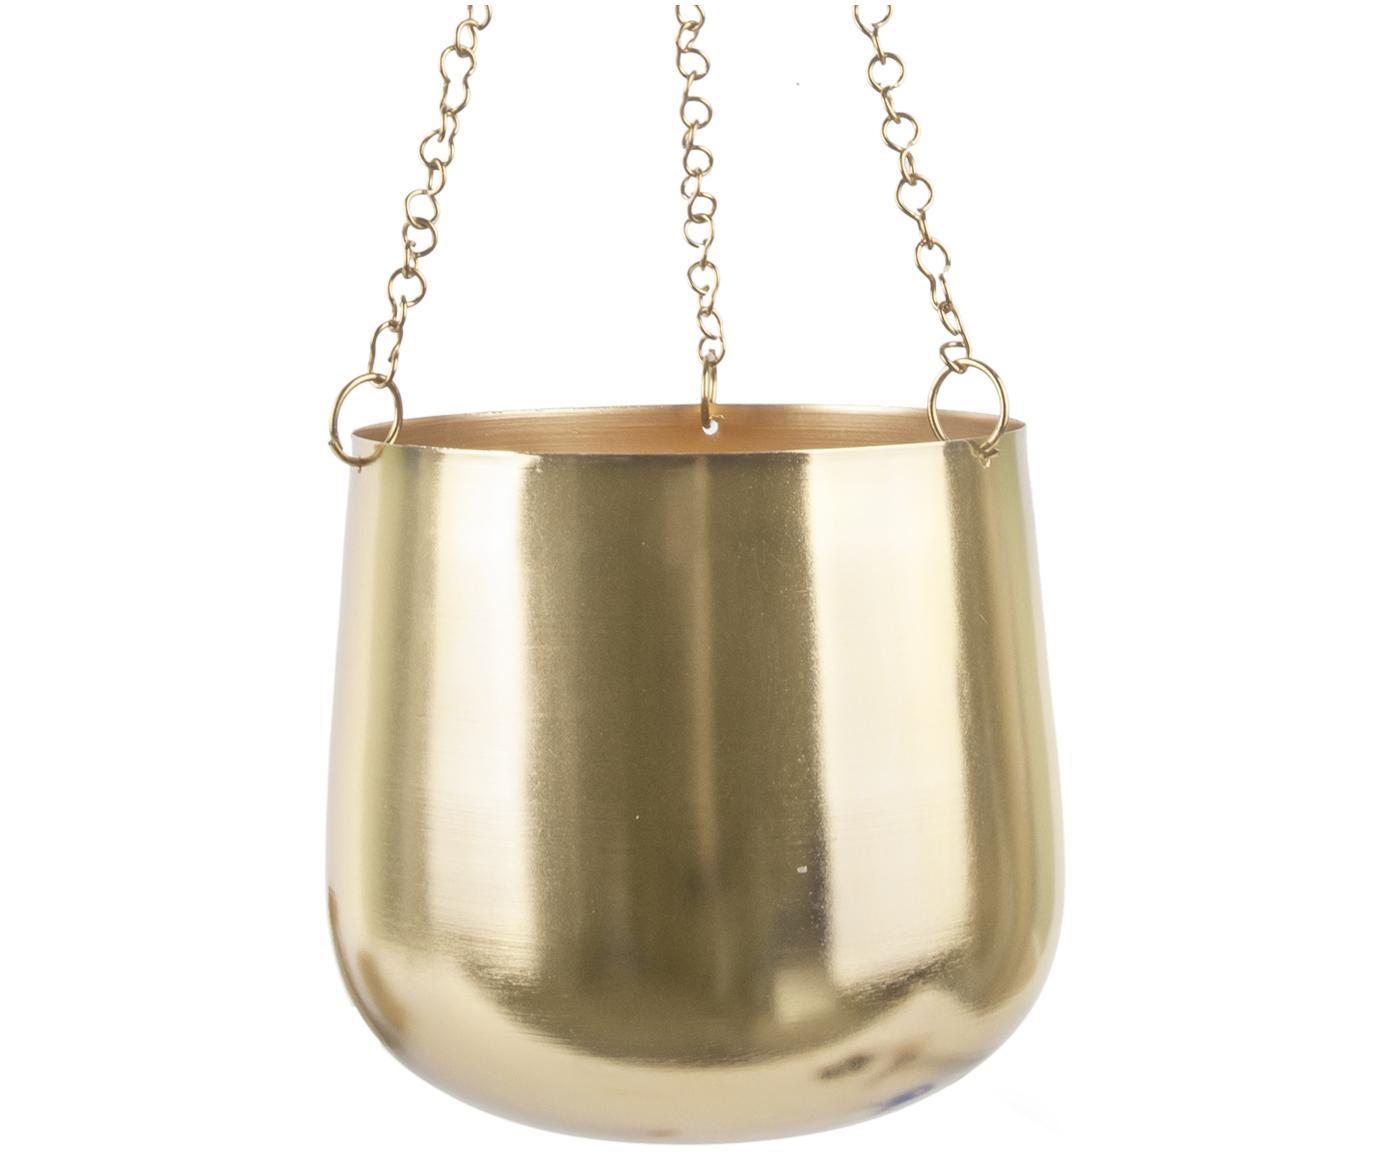 Komplet donic wiszących Cask, 3 elem., Metal lakierowany, Odcienie złotego, Różne rozmiary